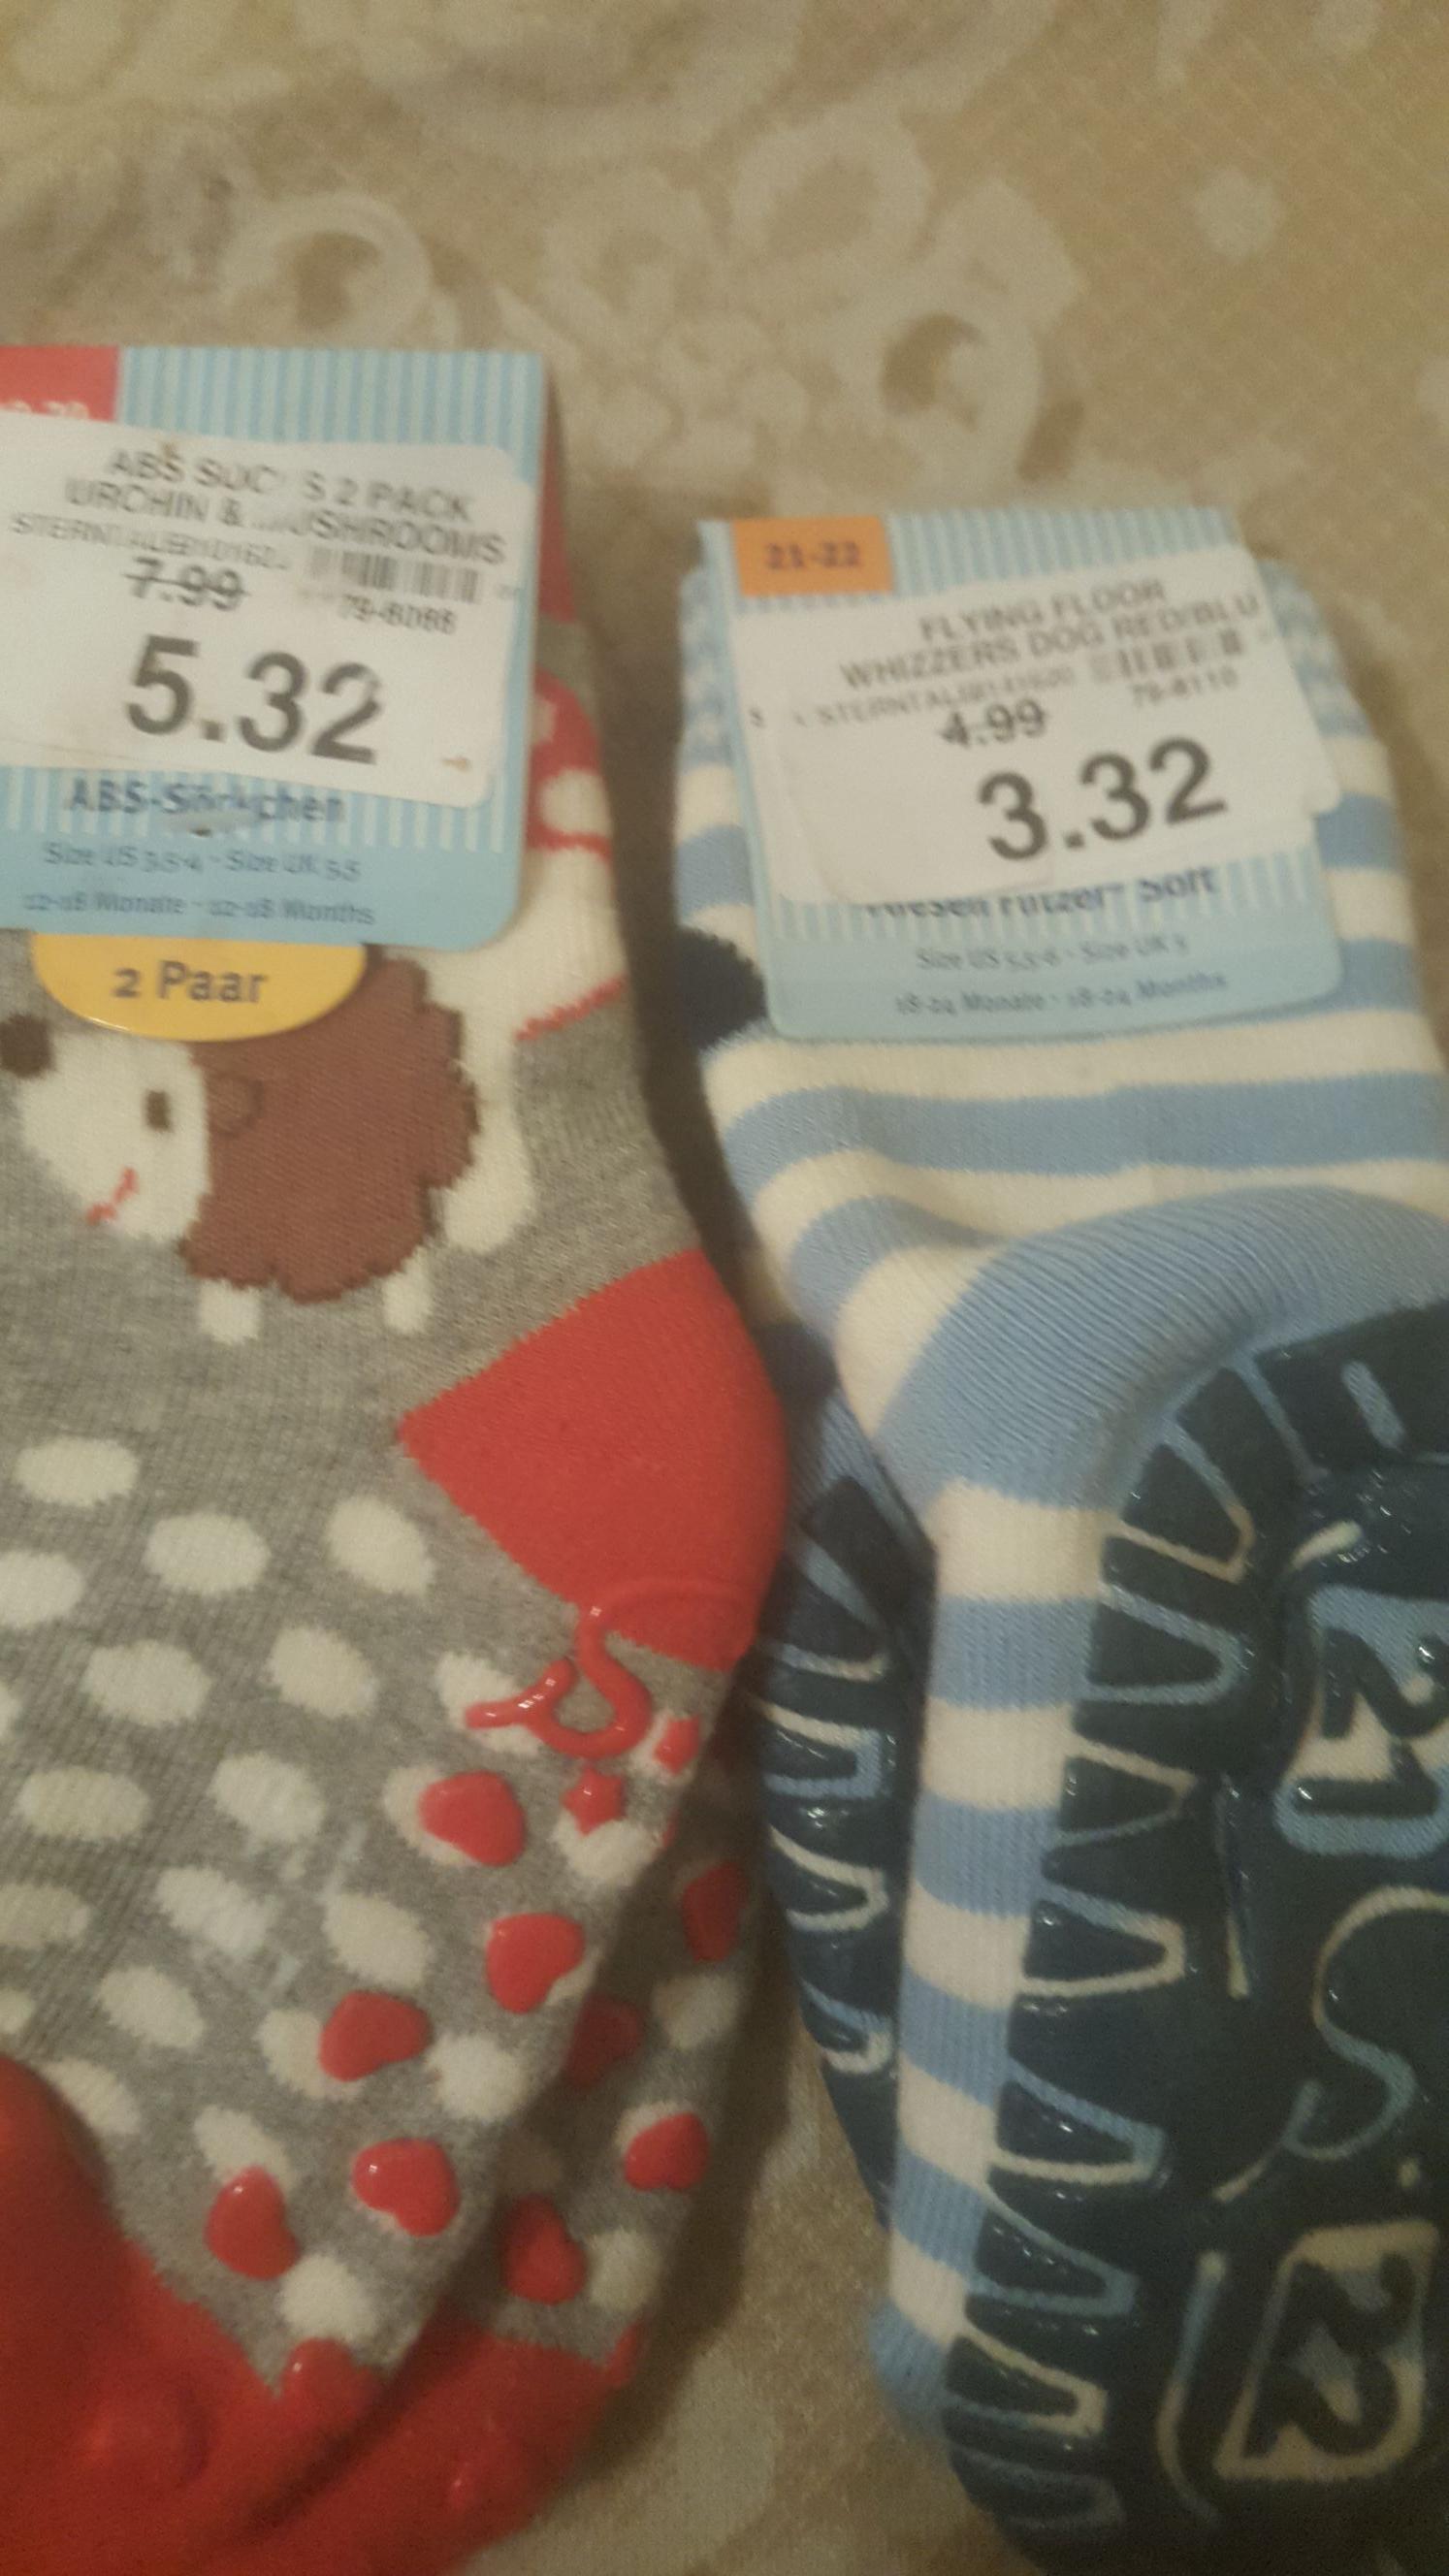 Baby r us socks 96p instore - st andrew